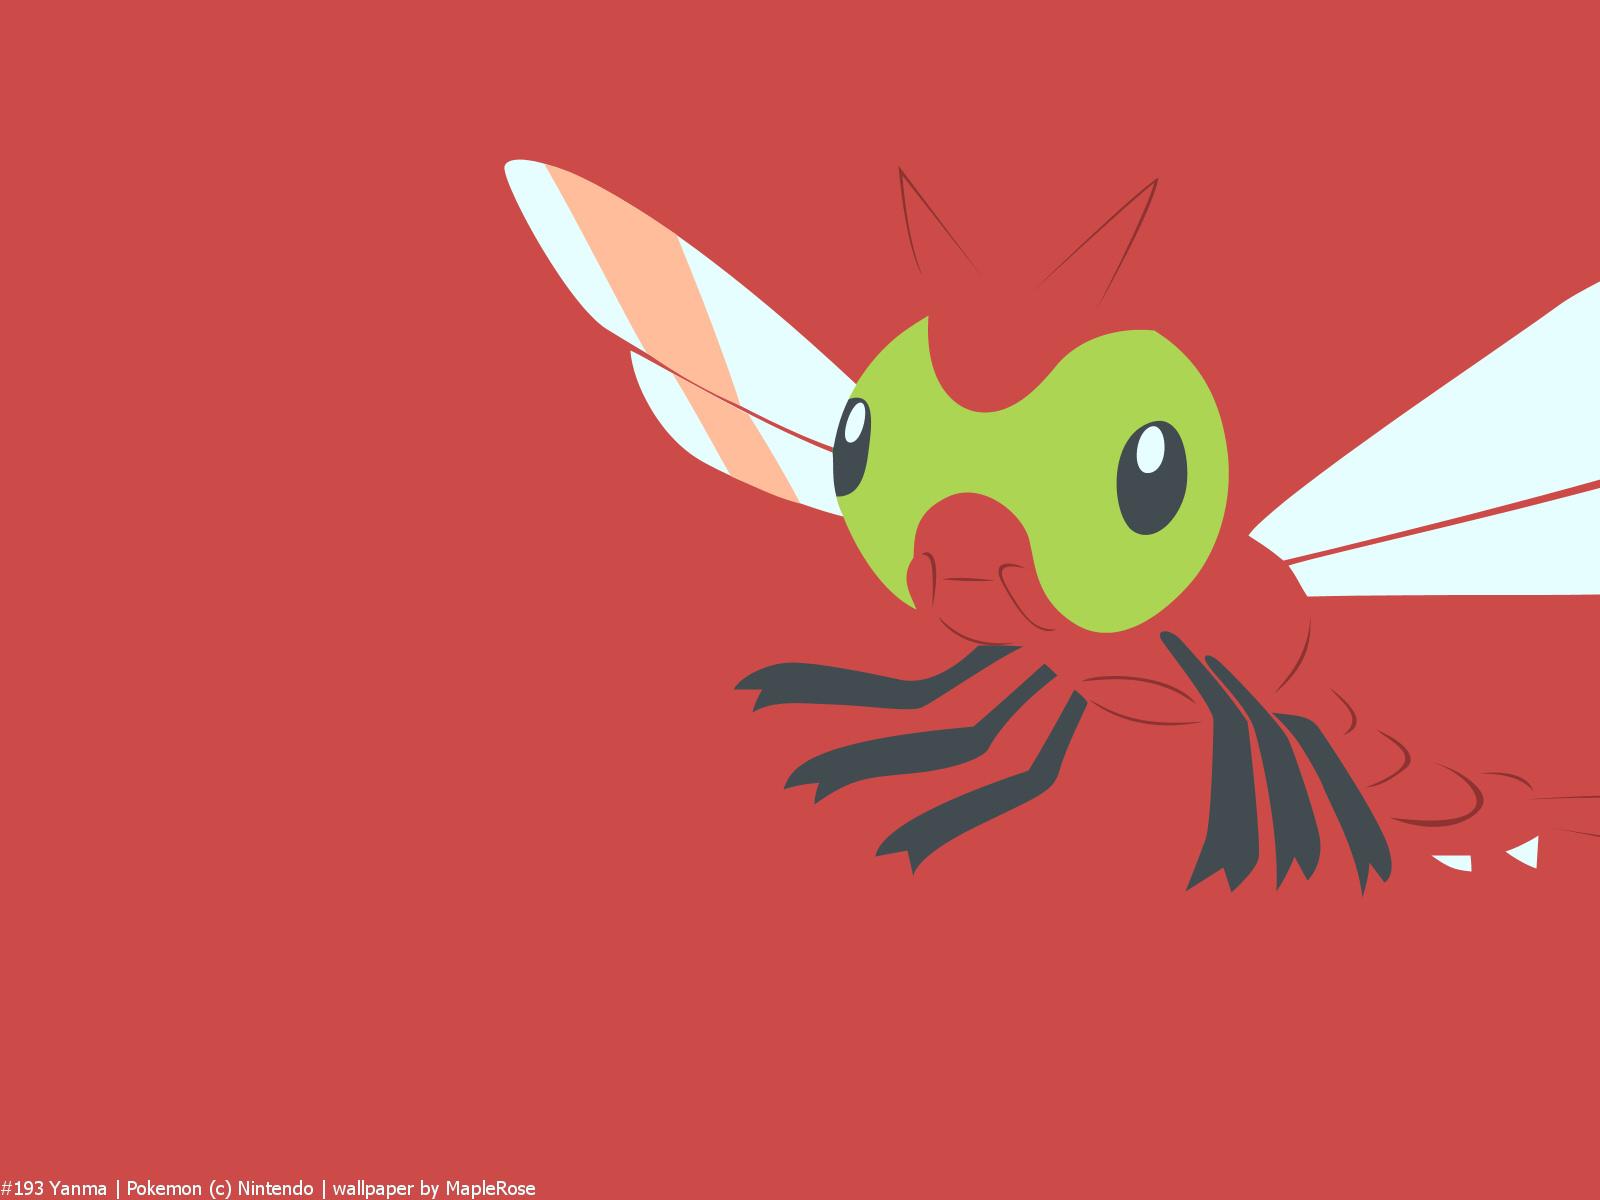 Heracross | Pokémon Wiki | FANDOM powered by Wikia